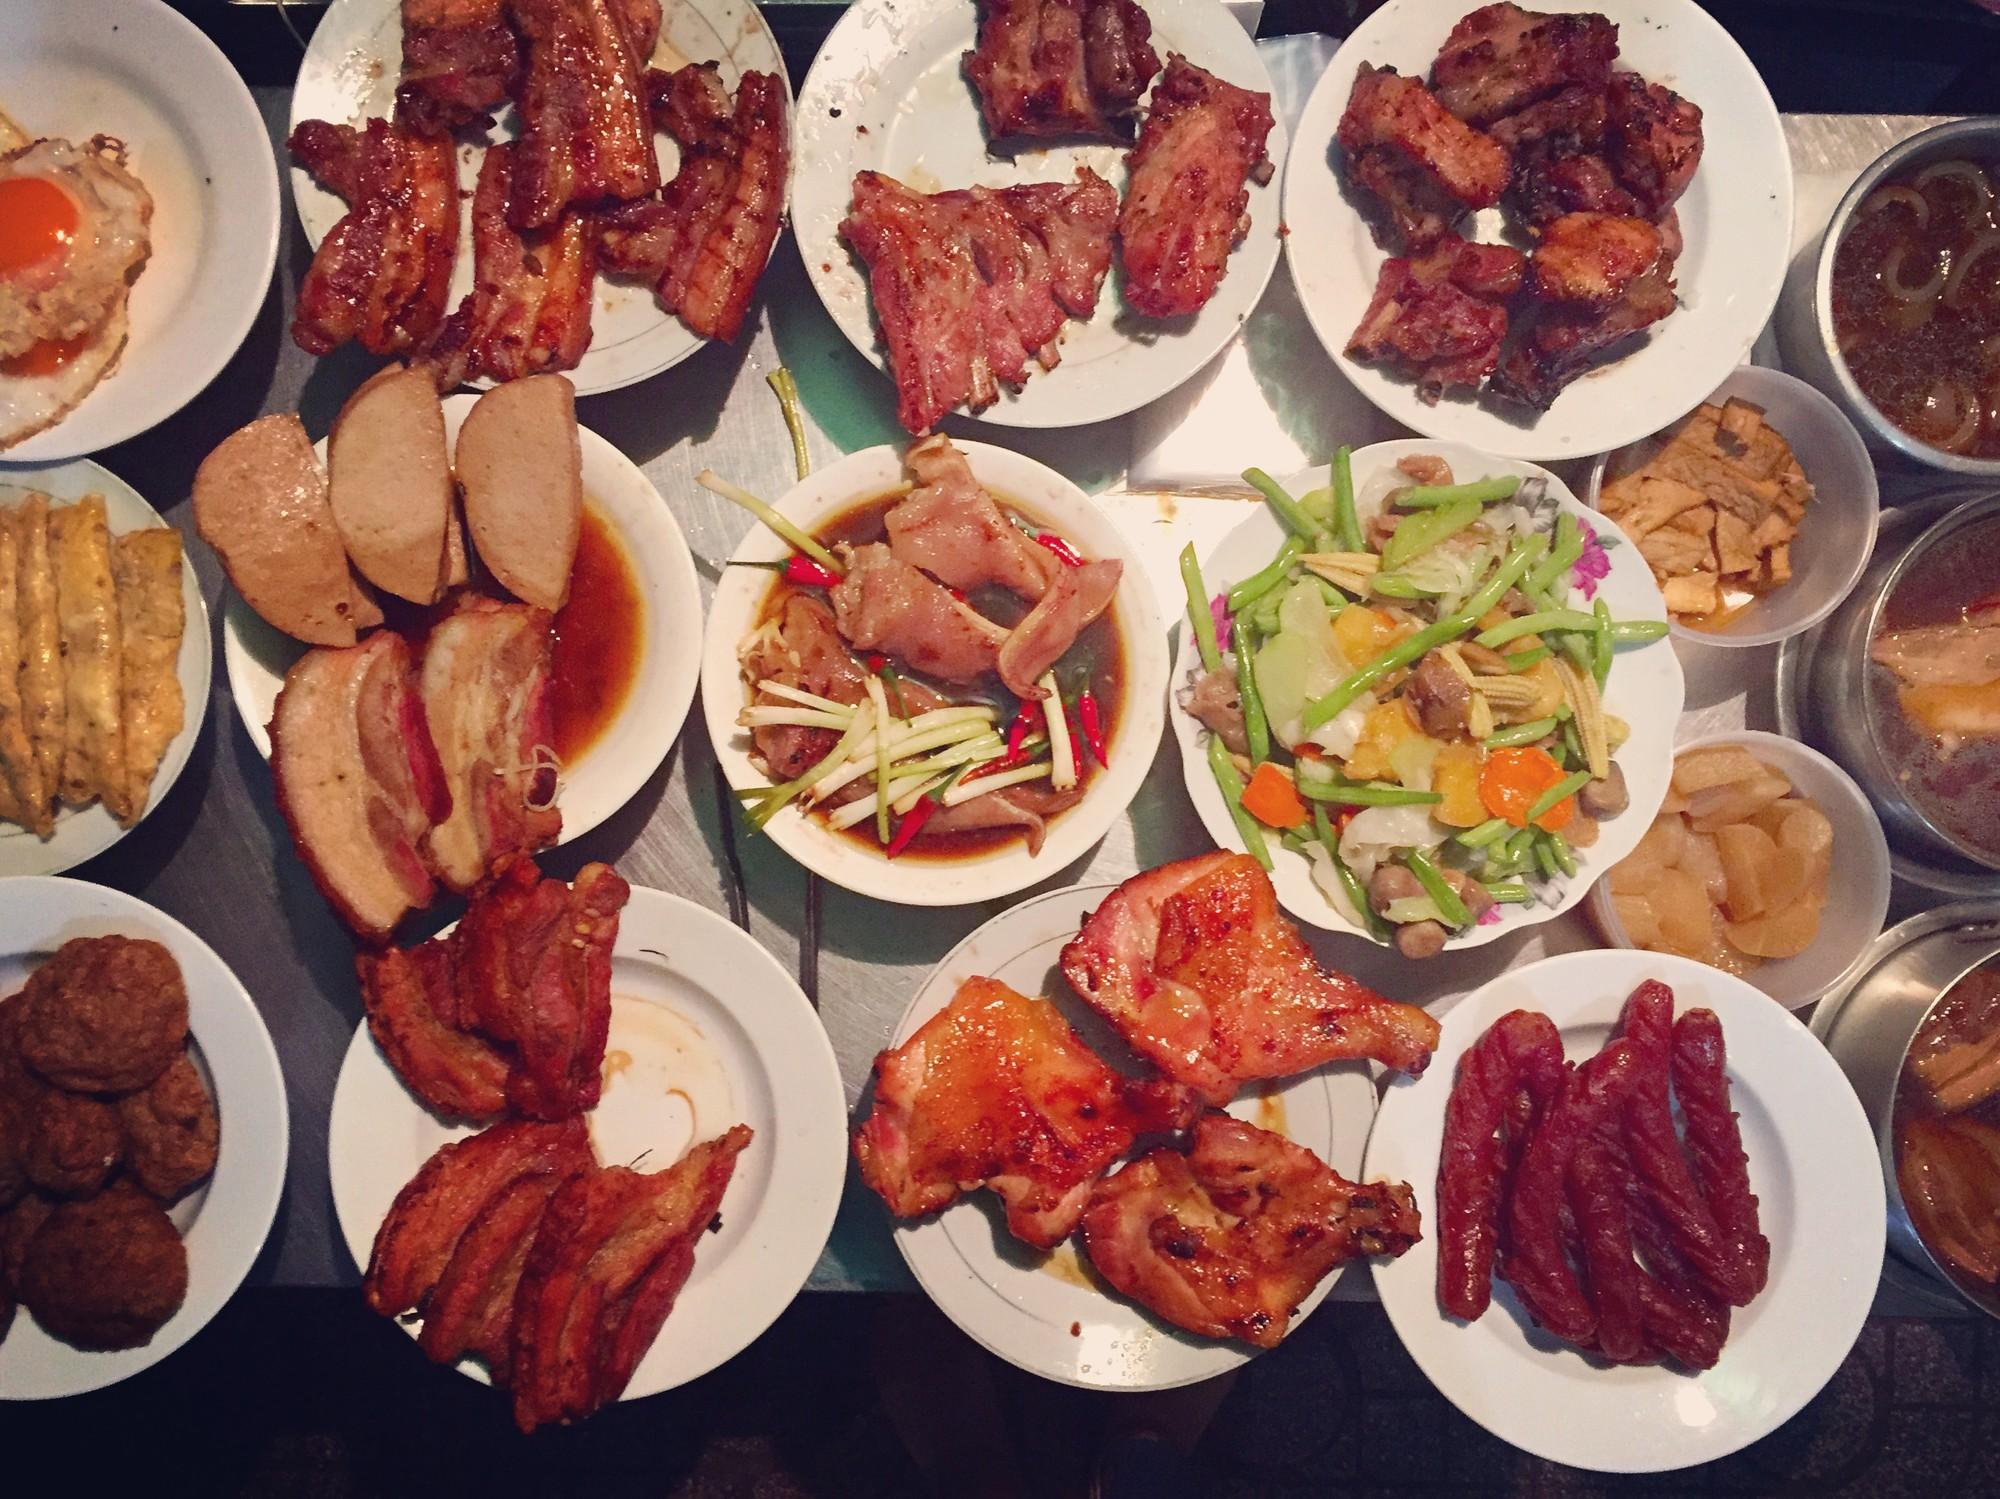 Nếu là dân cú đêm ở Sài Gòn thì hãy lưu ngay những địa chỉ ăn khuya đầy hấp dẫn này - Ảnh 1.